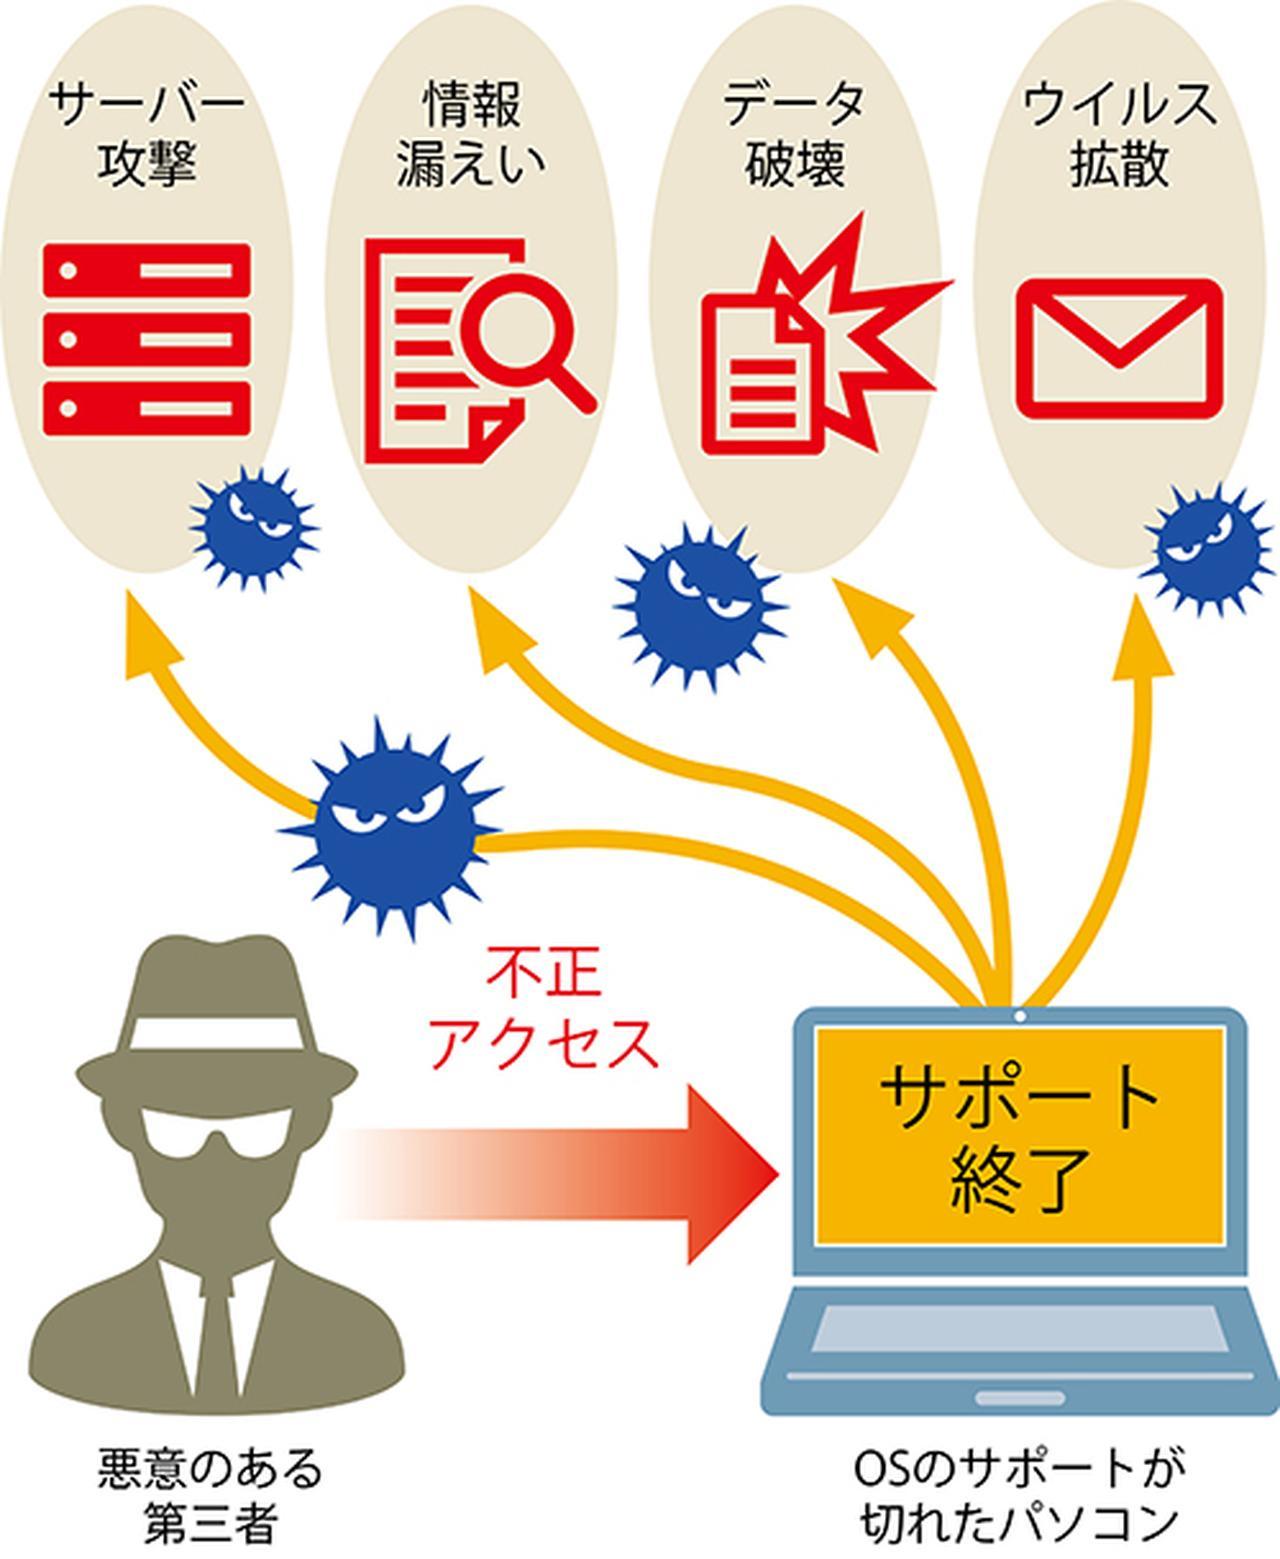 画像: OSサポートの切れた7パソコンは、不正アクセスの格好の標的。自身が被害に遭うだけでなく、ウイルス拡散やデータ窃盗などの踏み台として利用される場合もある。